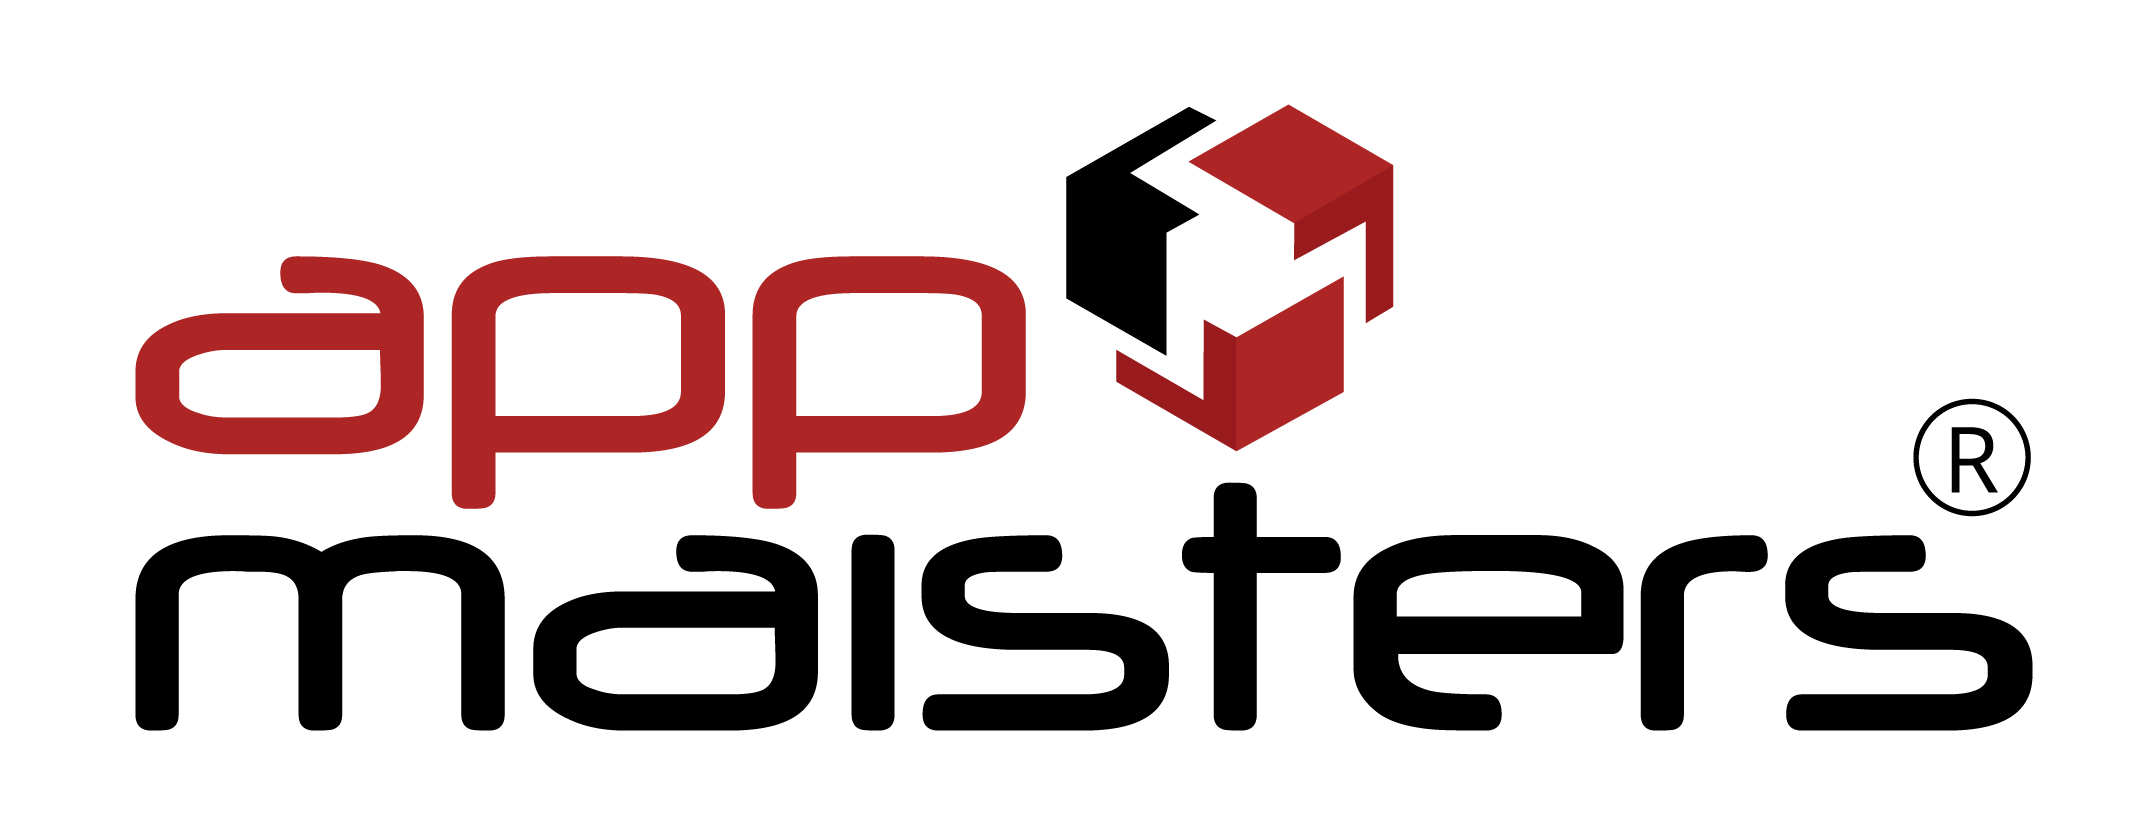 Logo-Signature-01